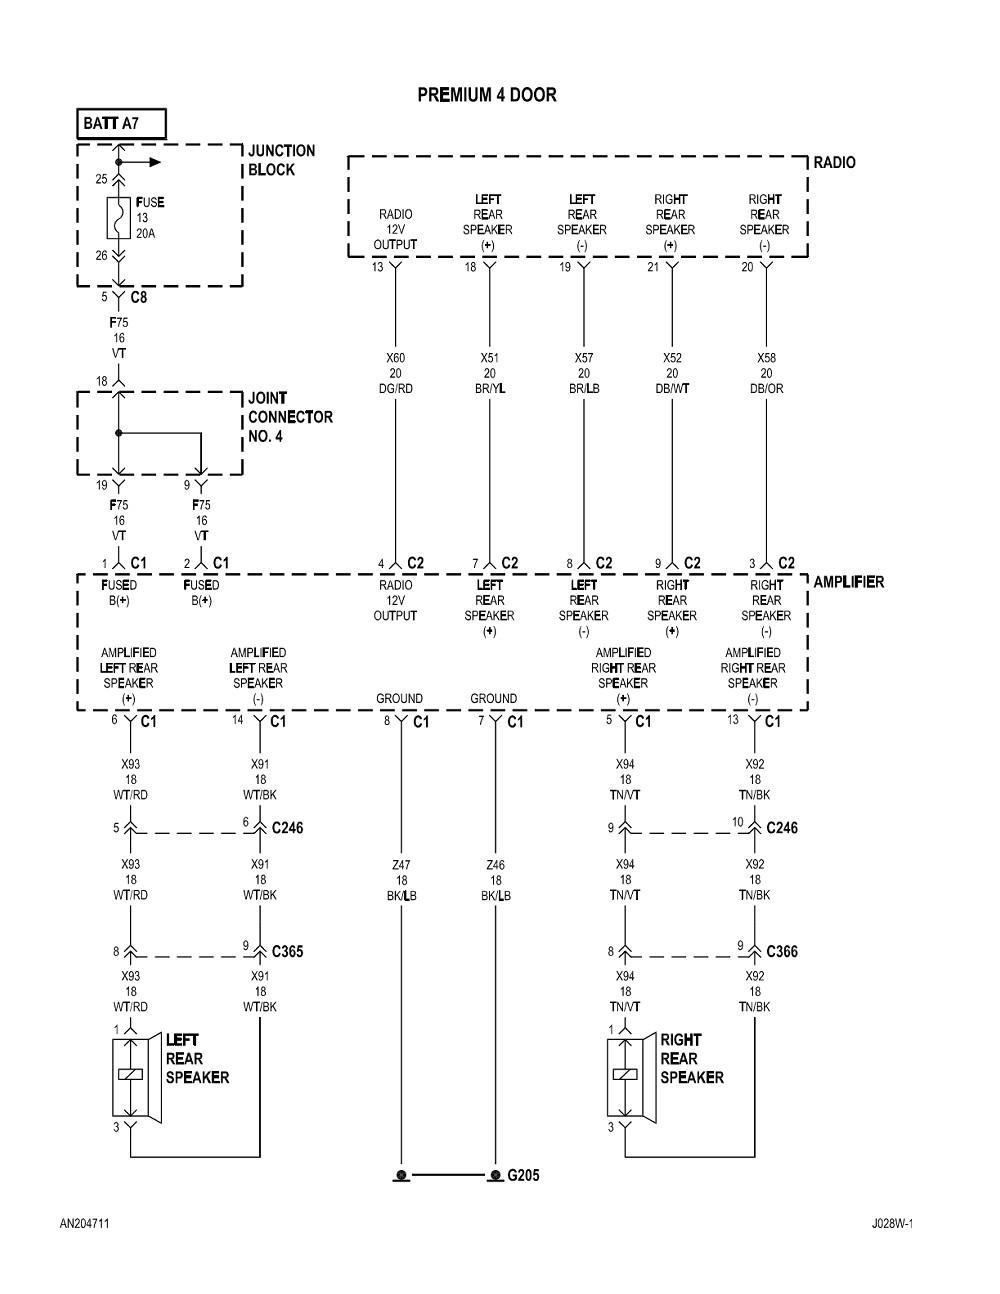 hight resolution of 2004 dodge dakota radio wiring diagram collection 2003 dodge durango radio wiring diagram 2